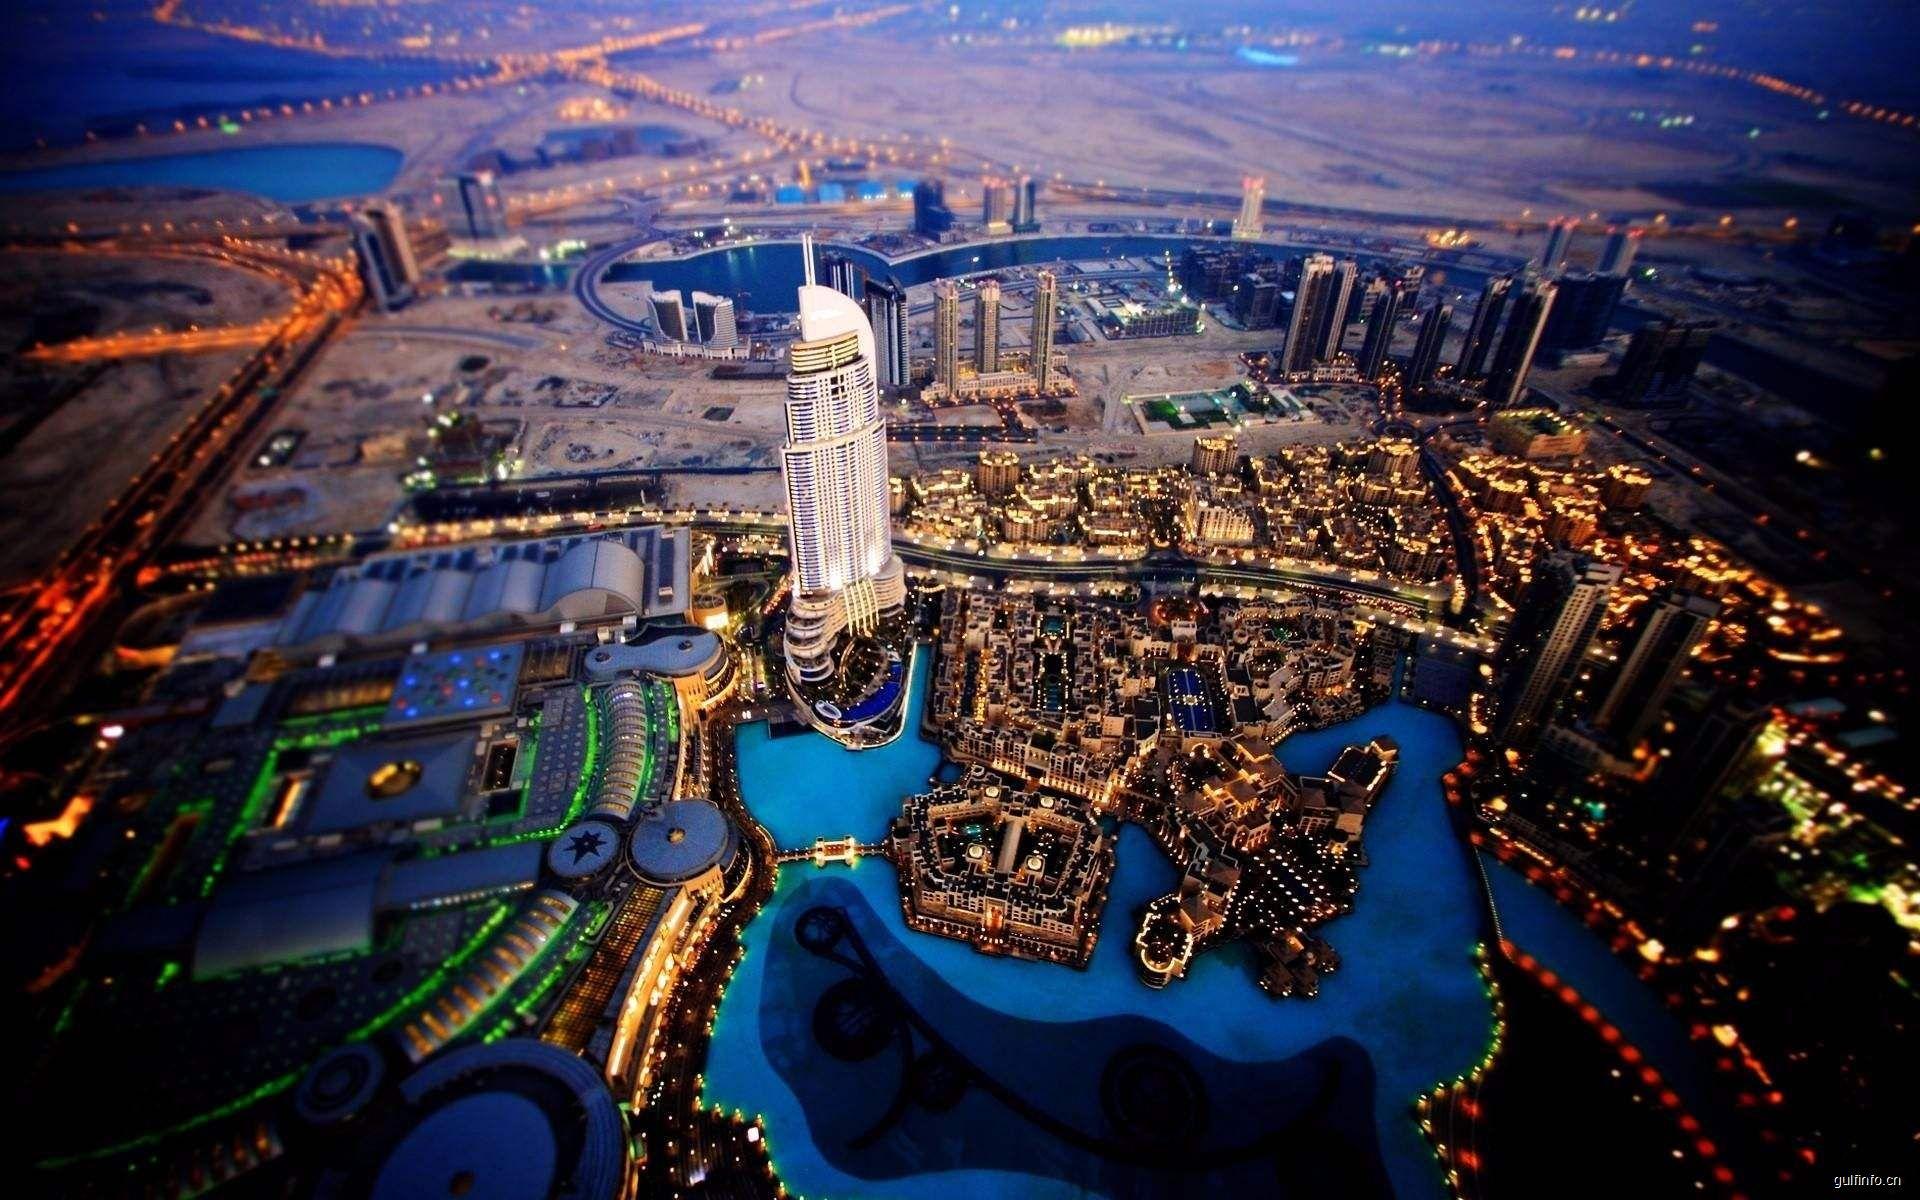 迪拜位列全球城市排名第27位